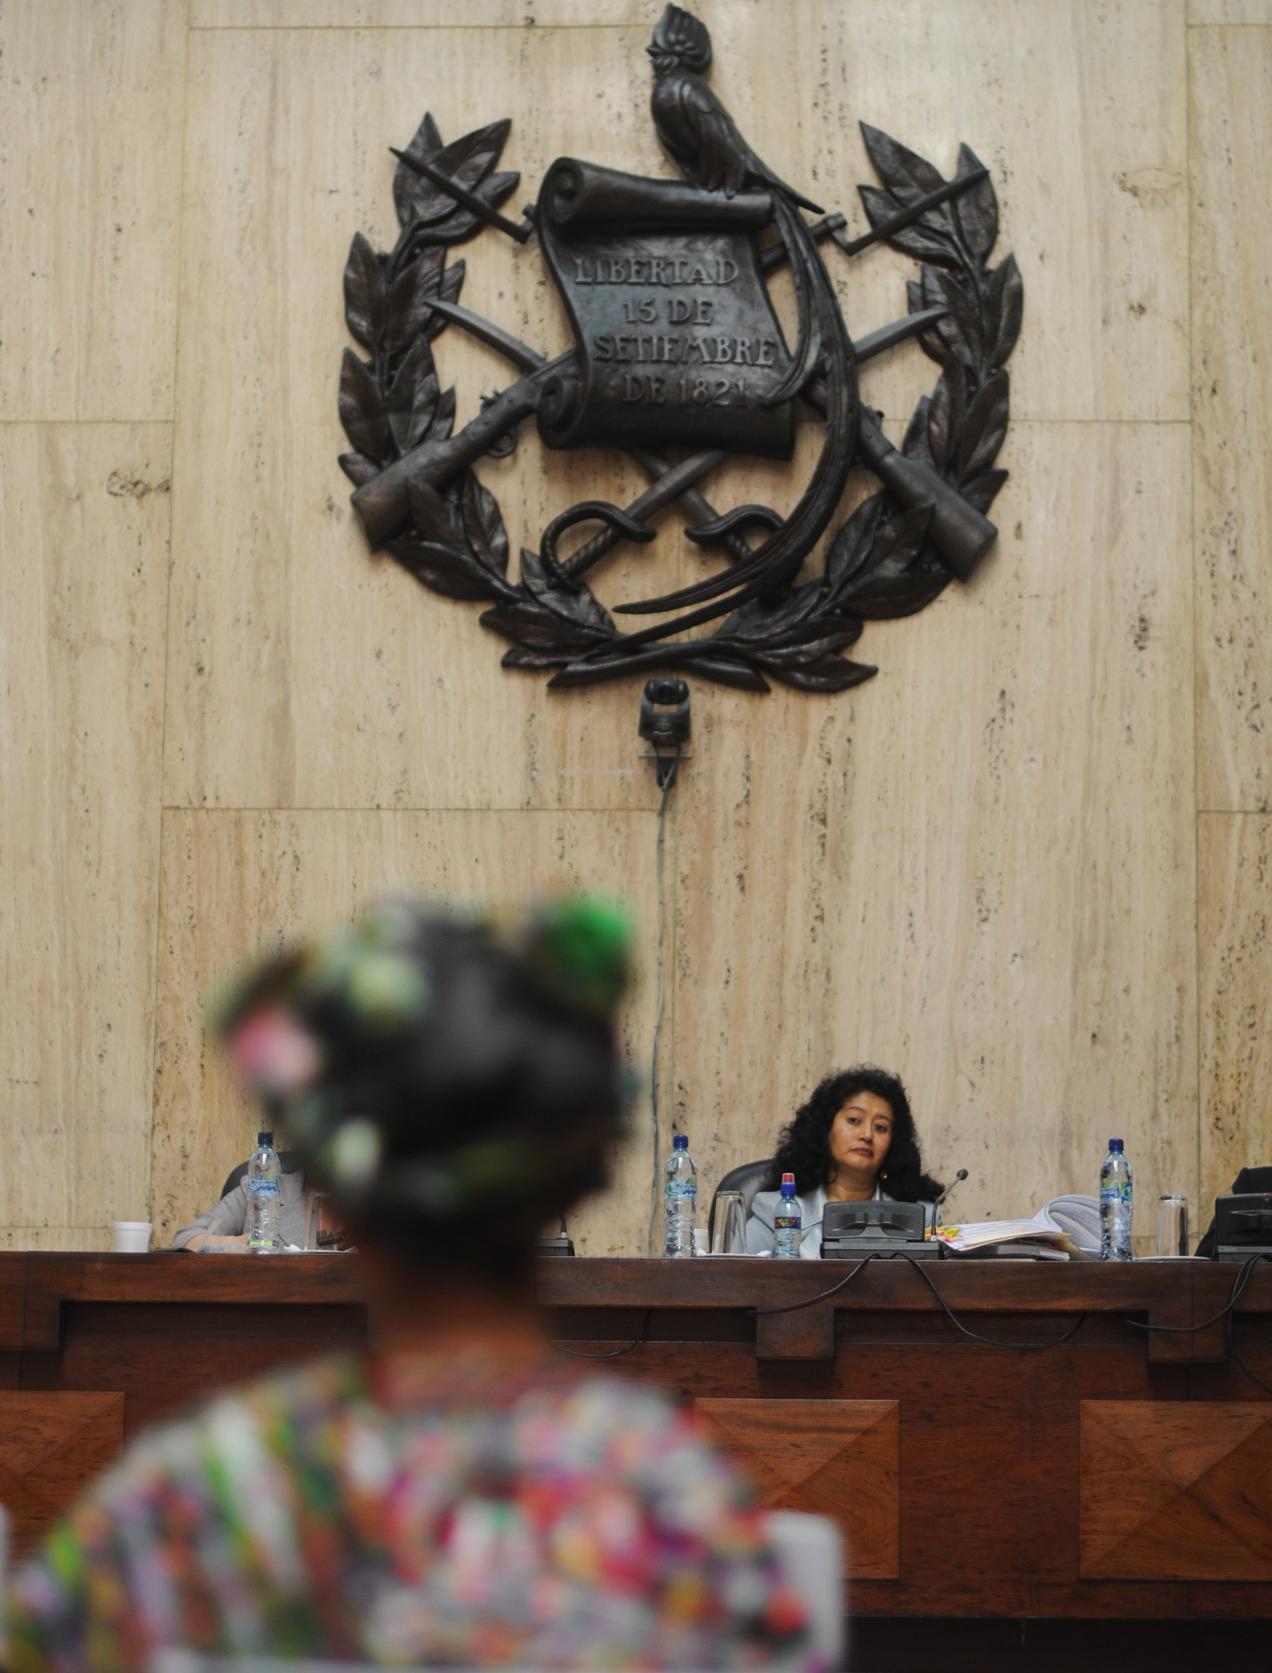 La jueza Yassmín Barrios escucha a una testigo ixil durante el juicio.